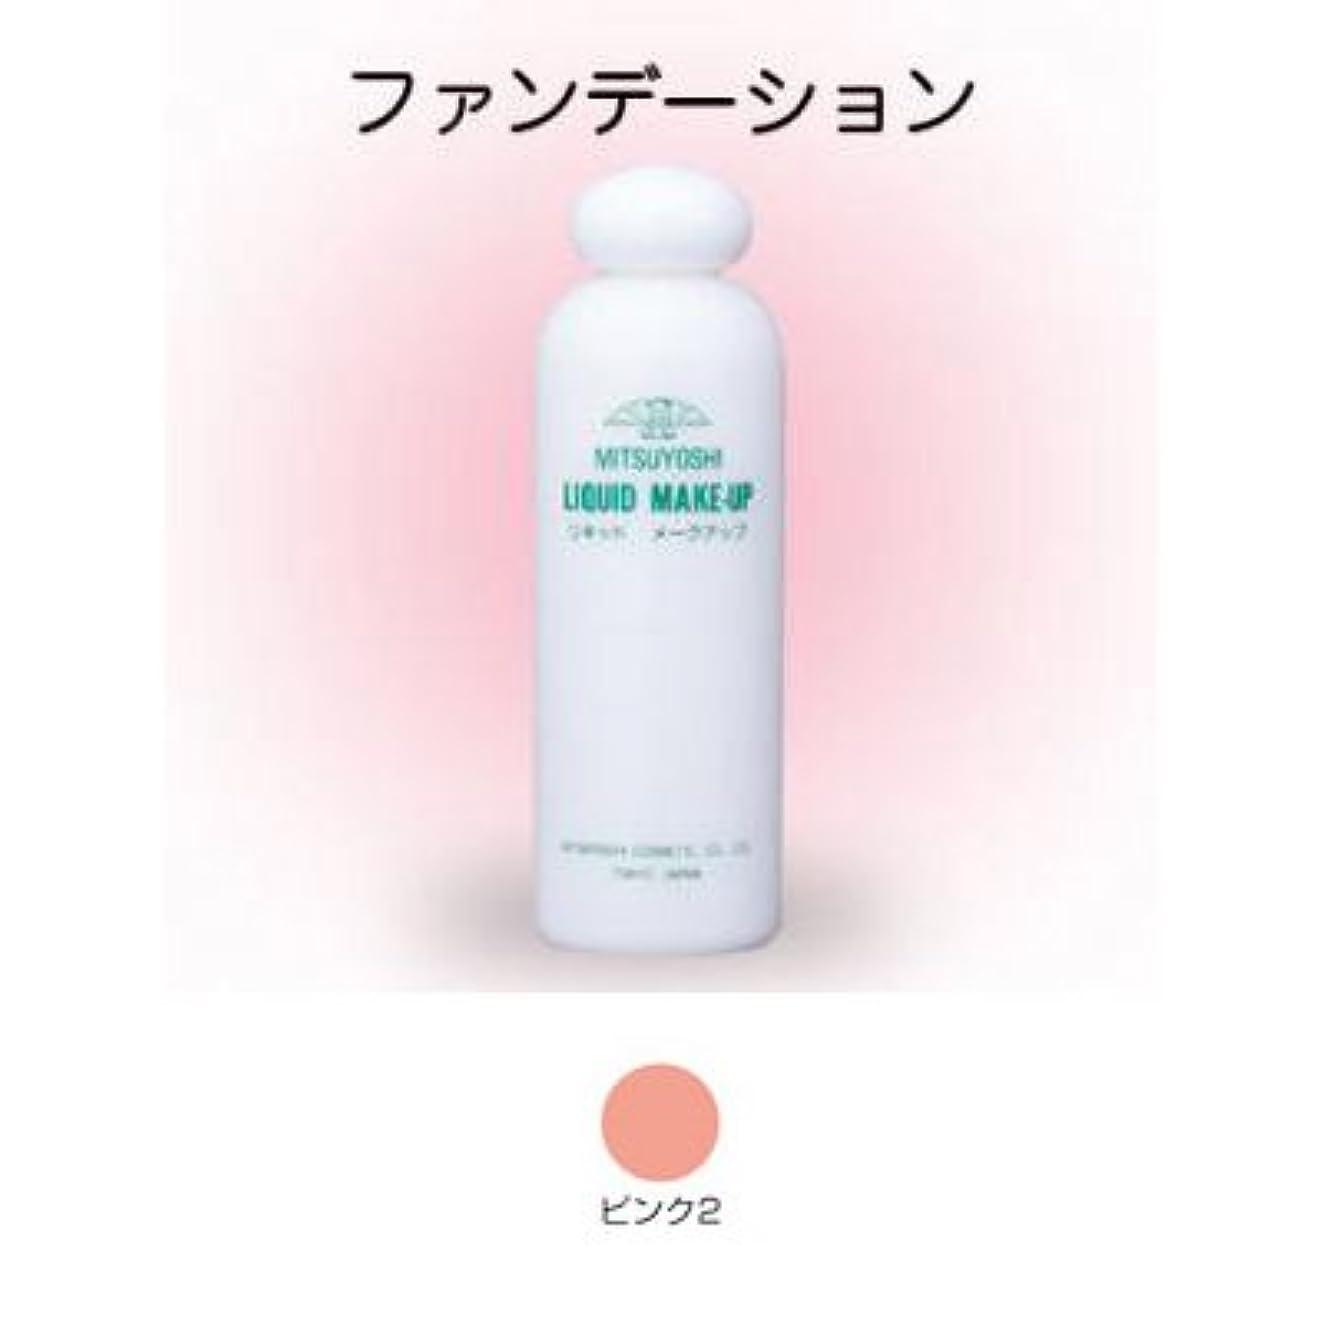 厳しいゲージだらしないリキッドメークアップ 200ml ピンク2 【三善】